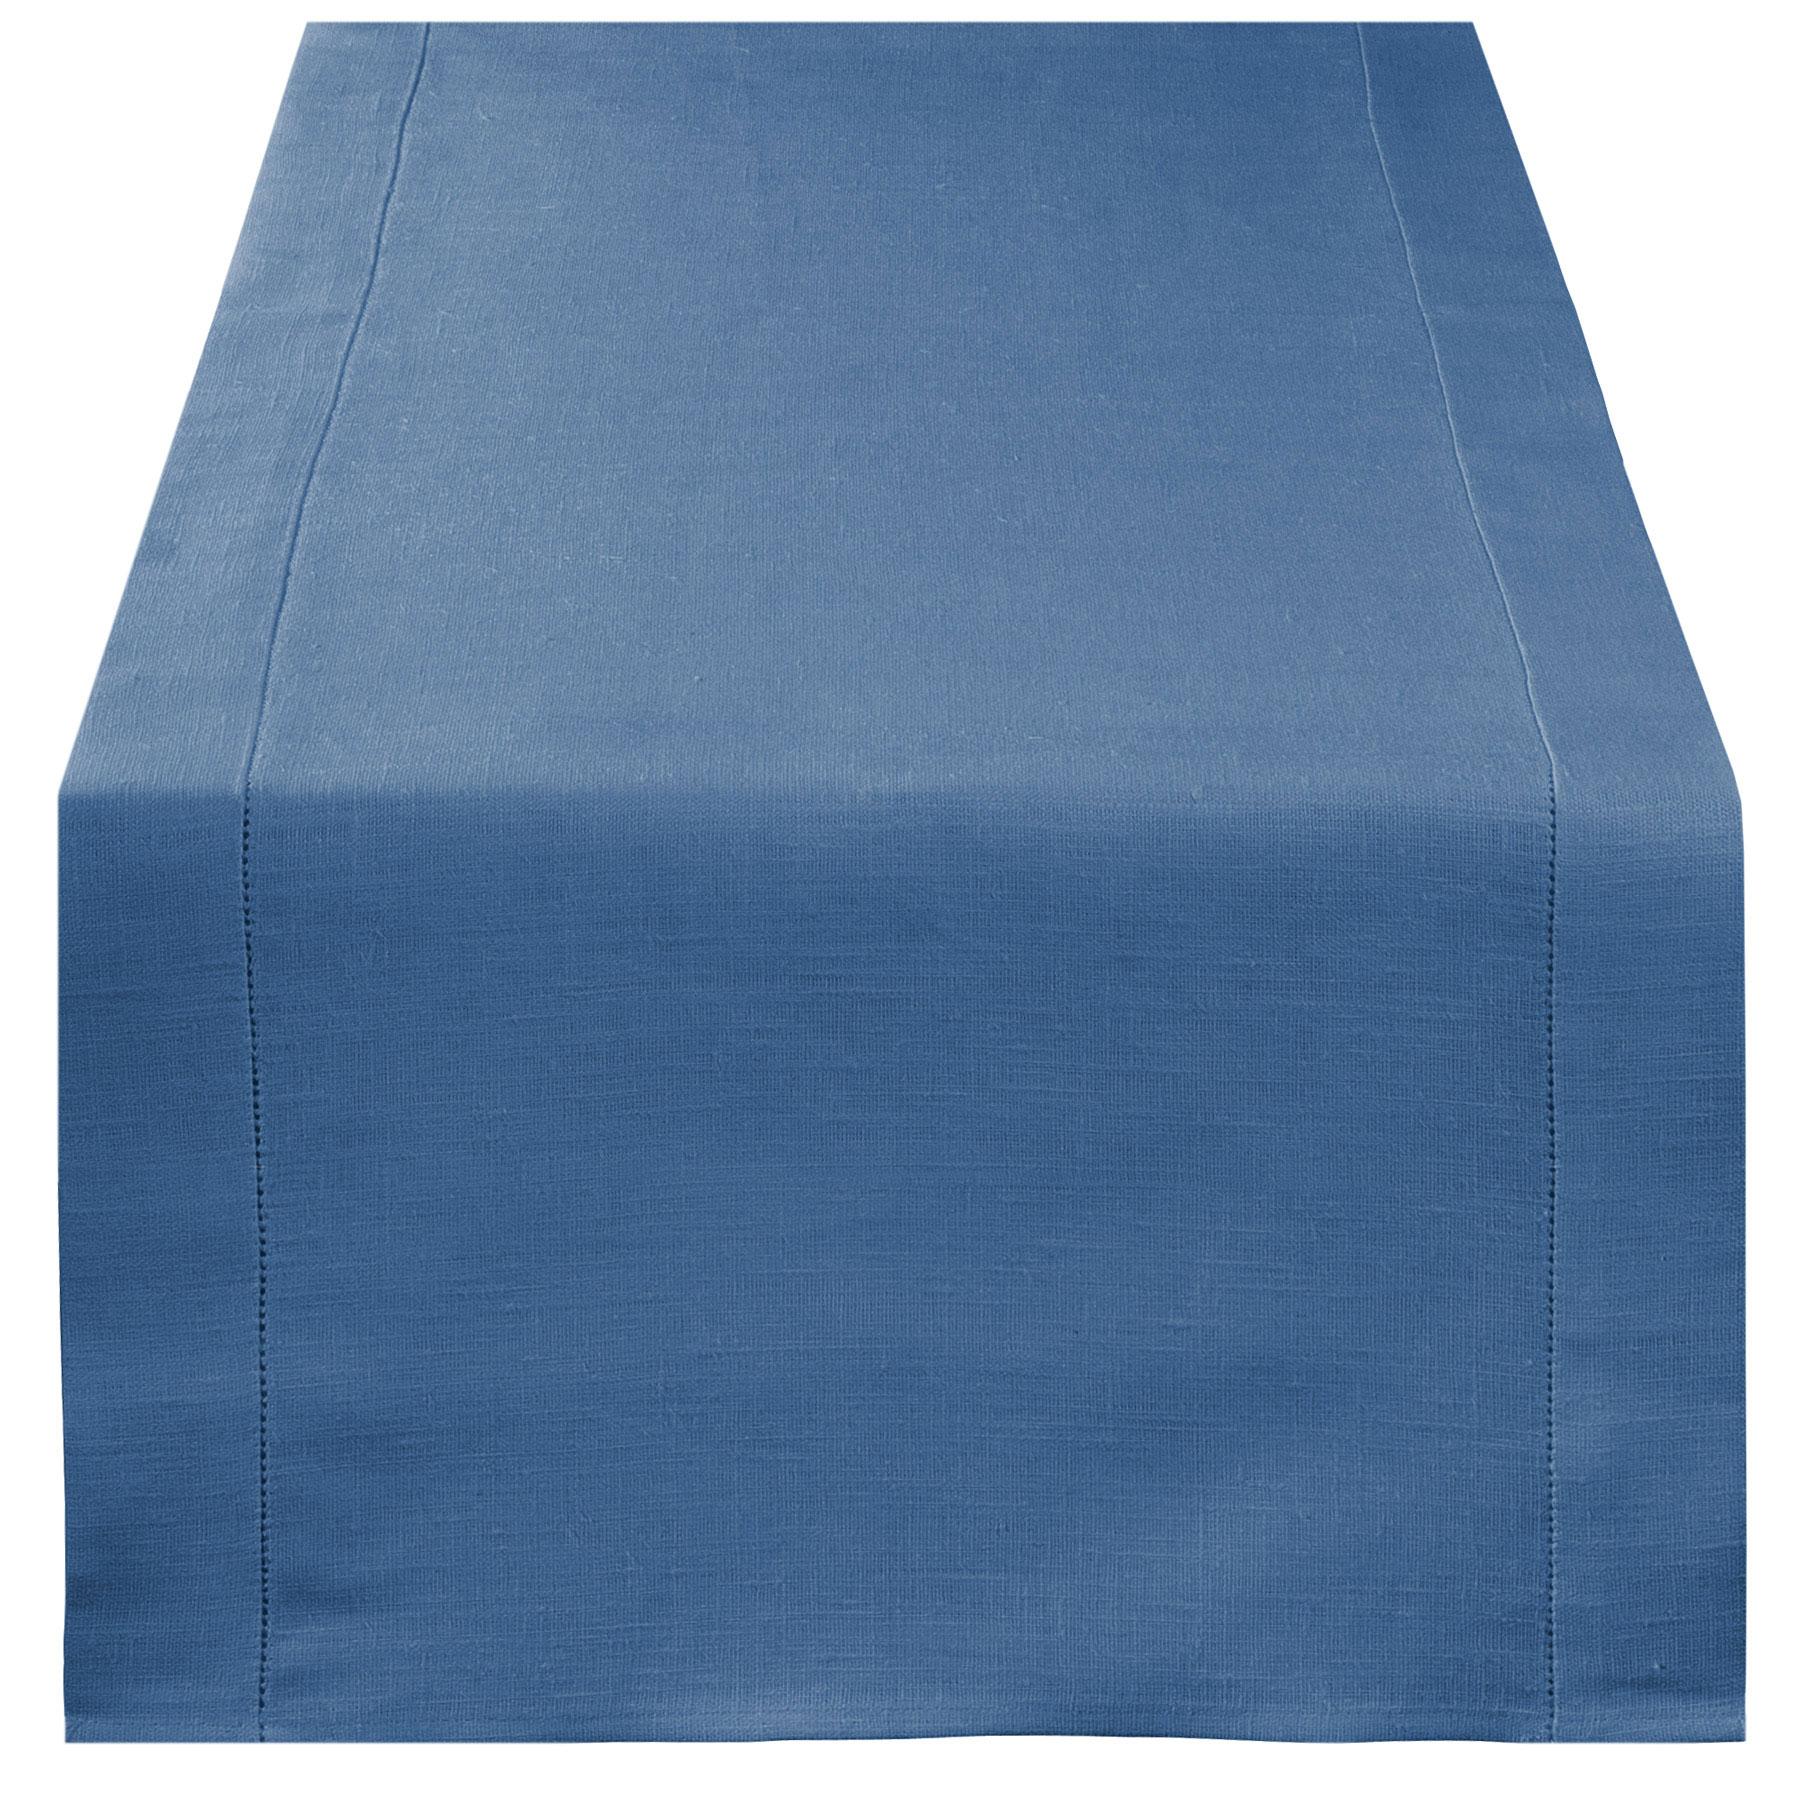 TABLE RUNNER <br />denim blue